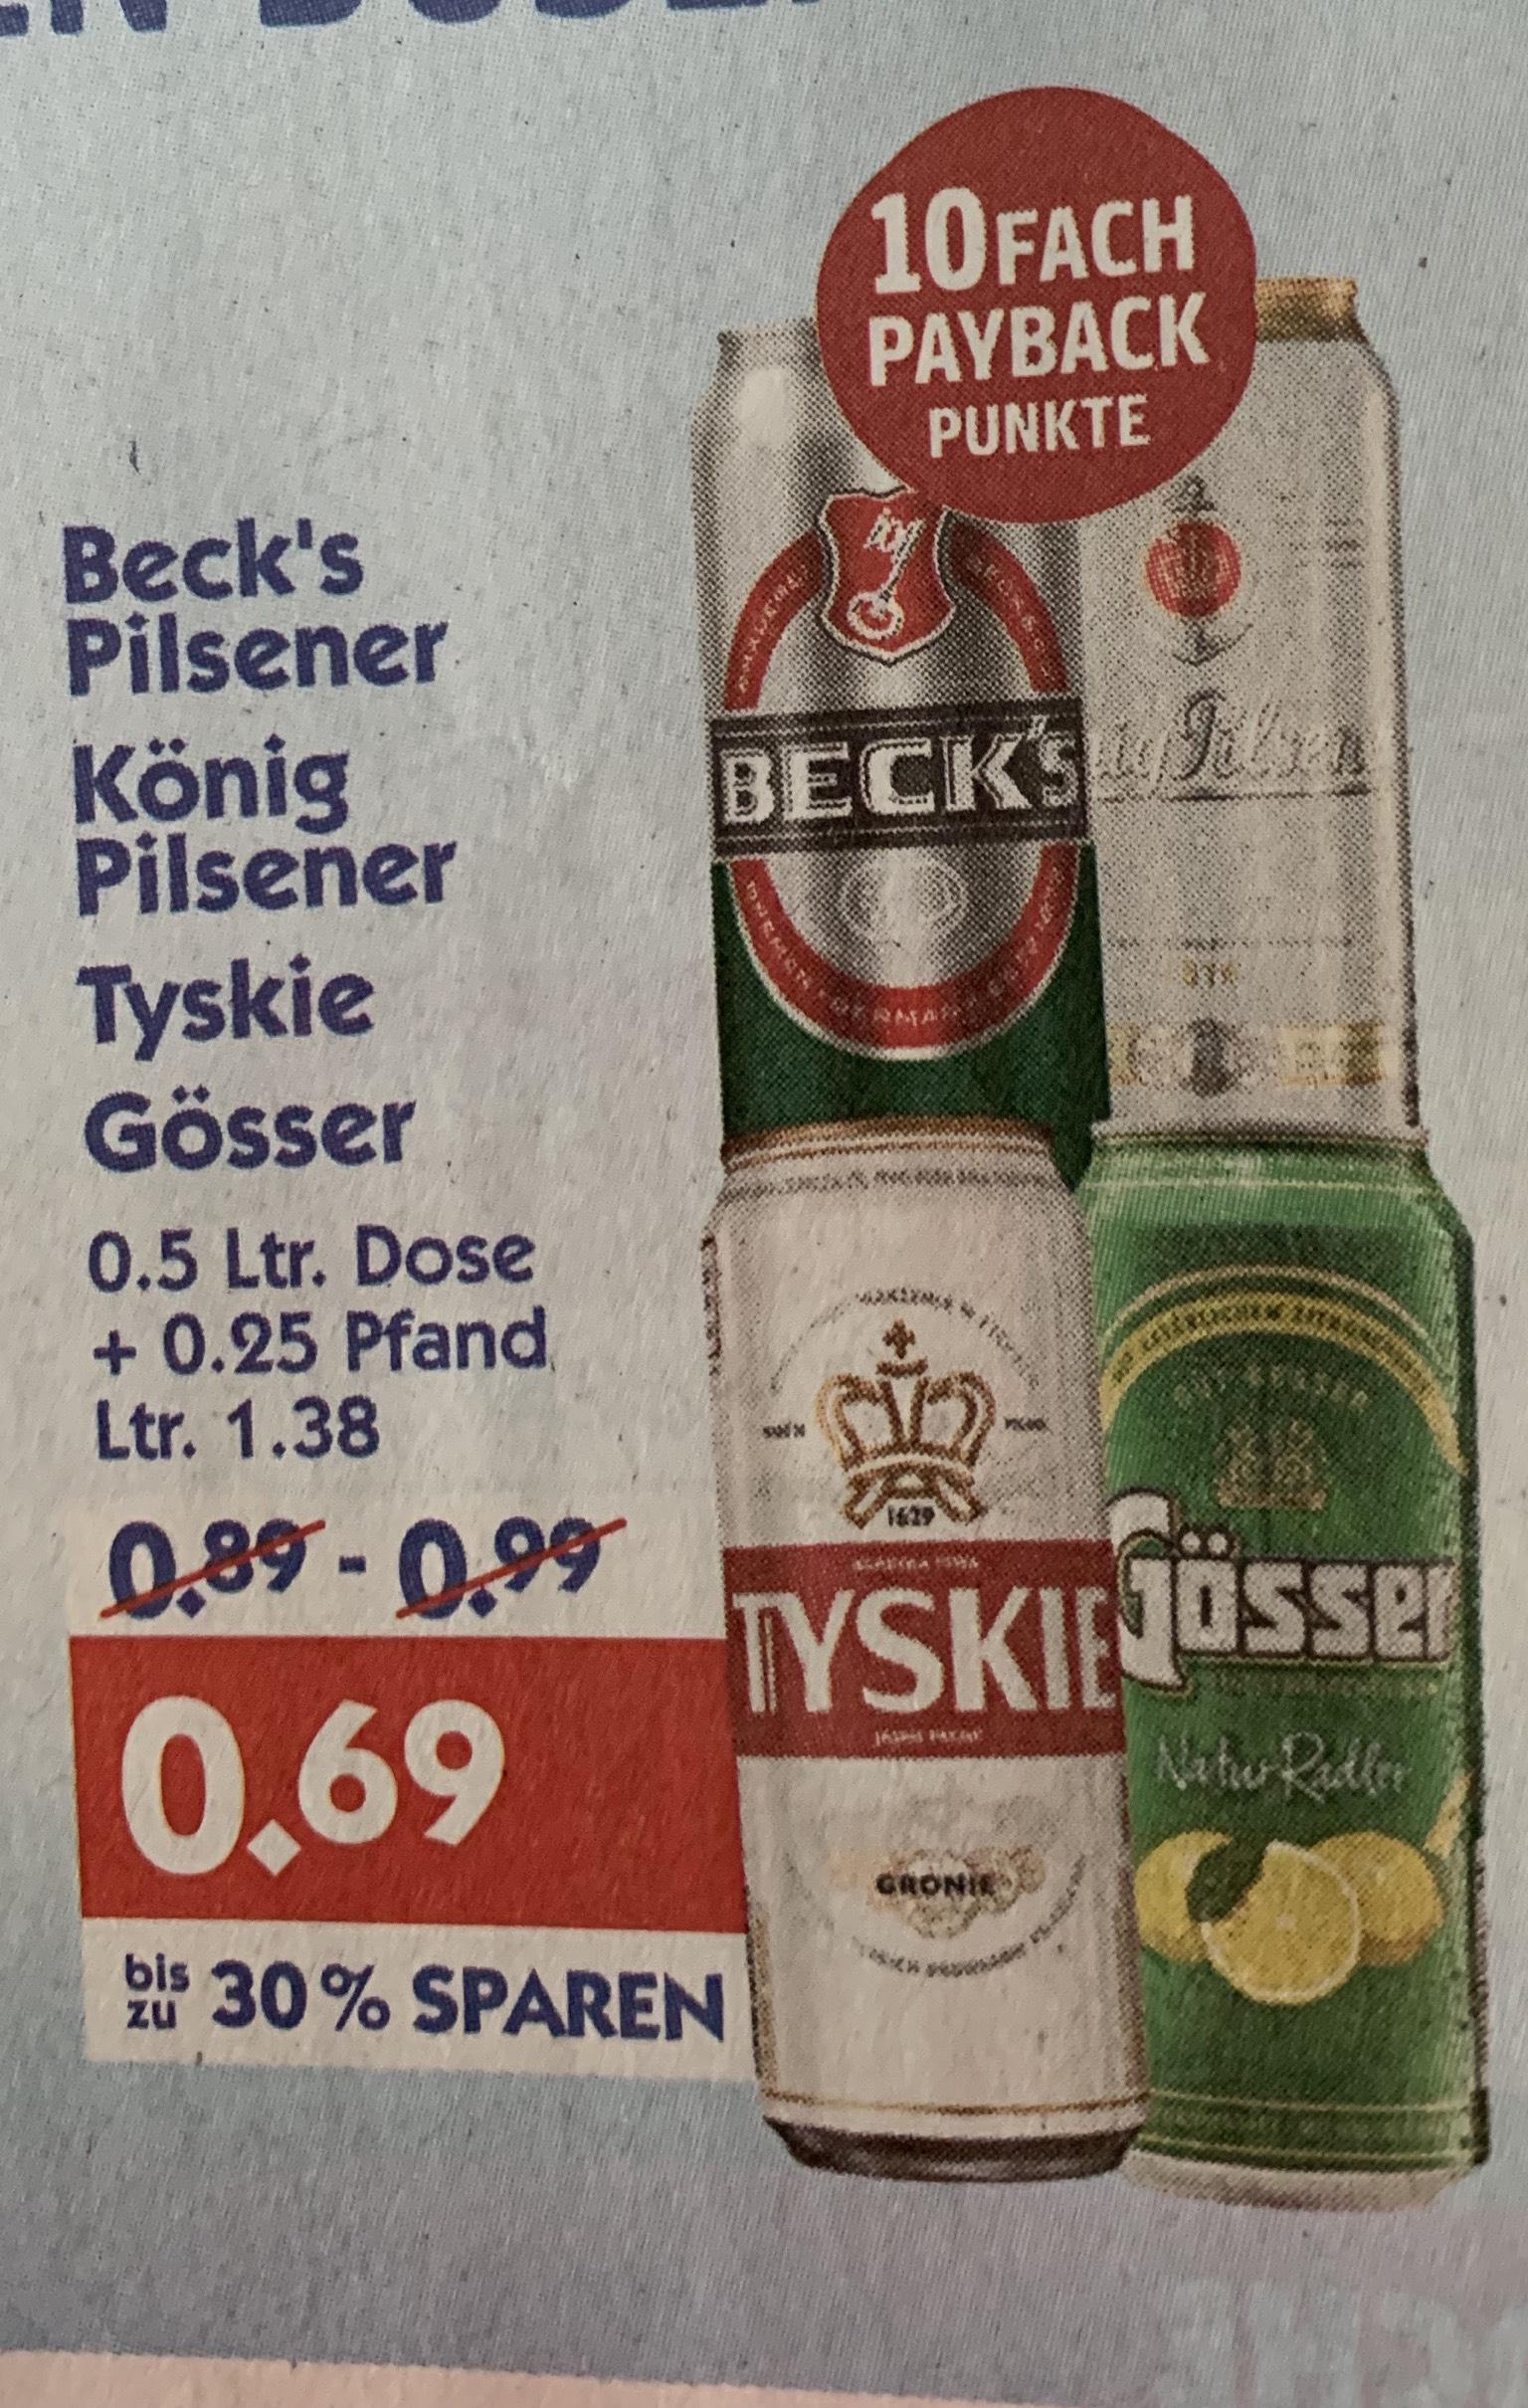 [Hol' Ab] Gösser Naturradler 0,5 Liter Dose für 0.69€ zzgl. 0.25€ Pfand o. Kiste Tyskie Radler für 12.99€